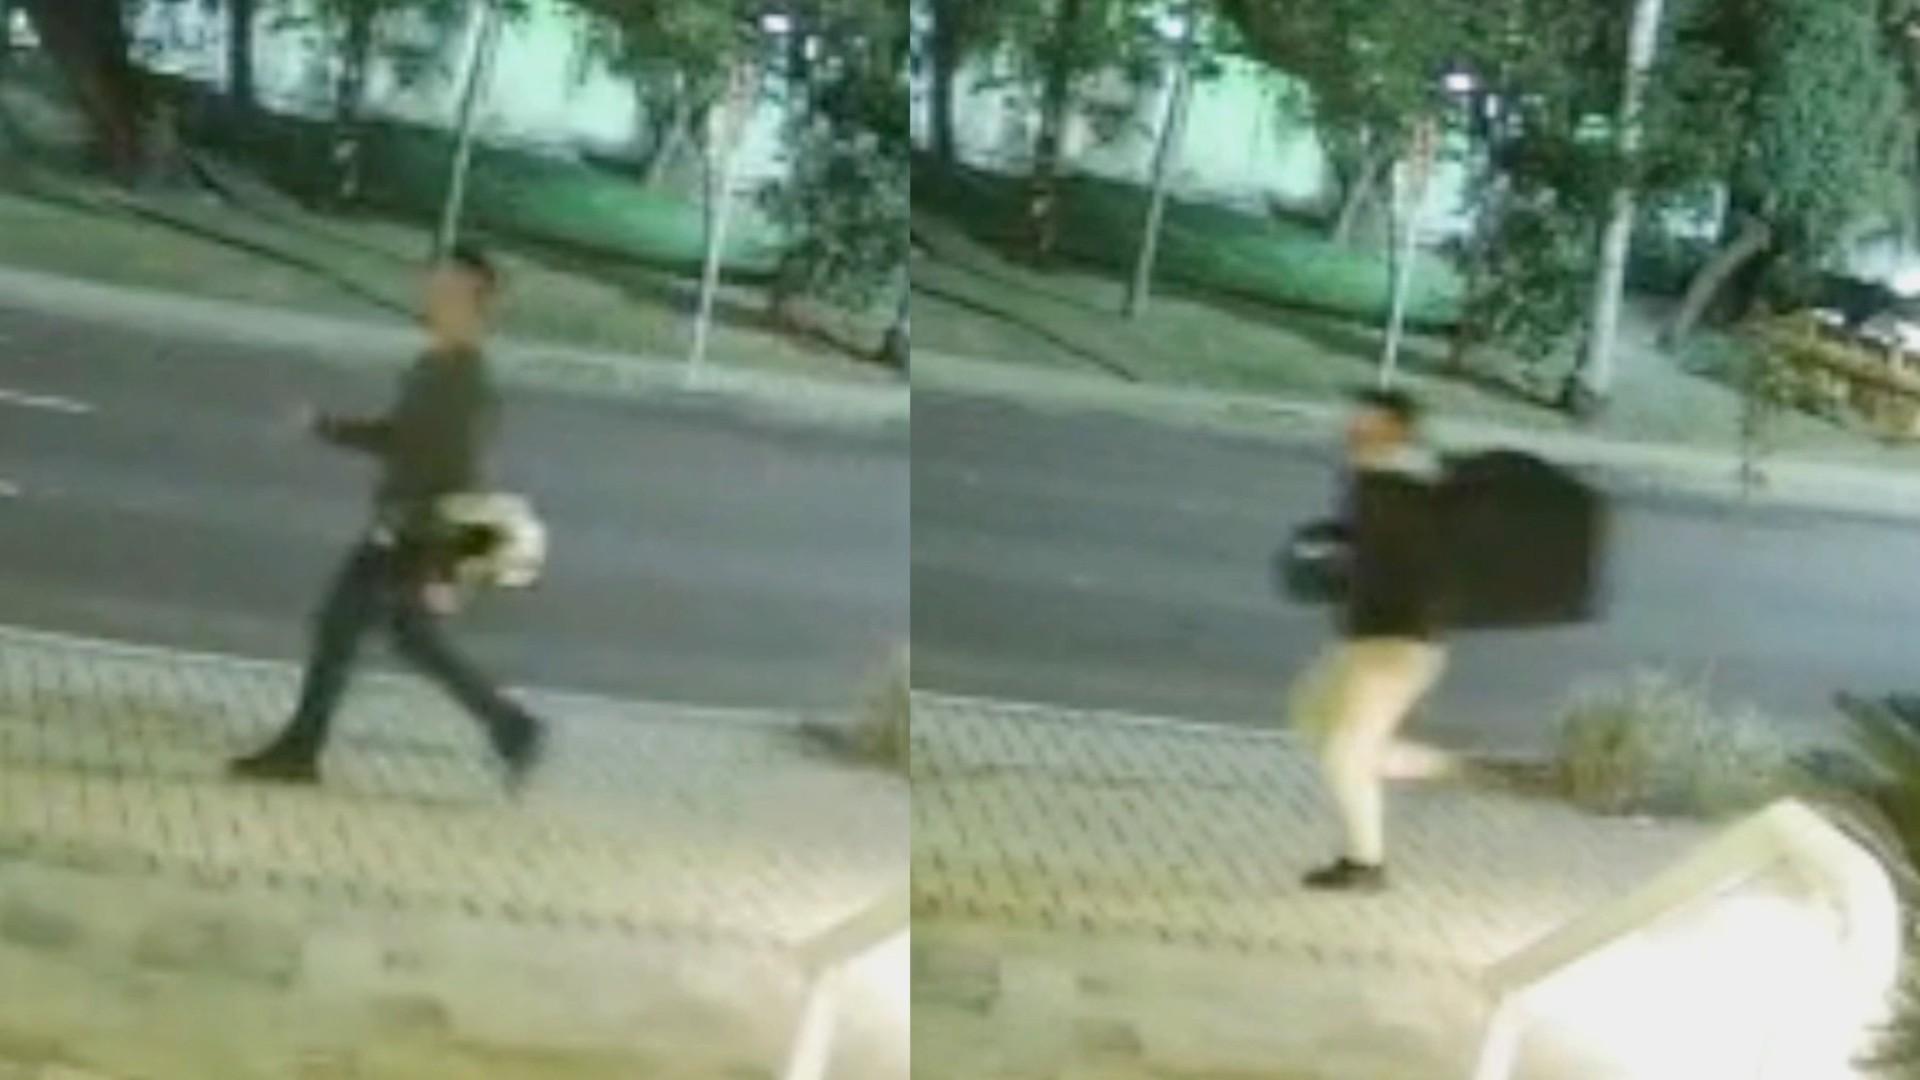 Polícia divulga vídeo de suspeitos de atirarem em jovem empresário de criptomoedas, em Curitiba